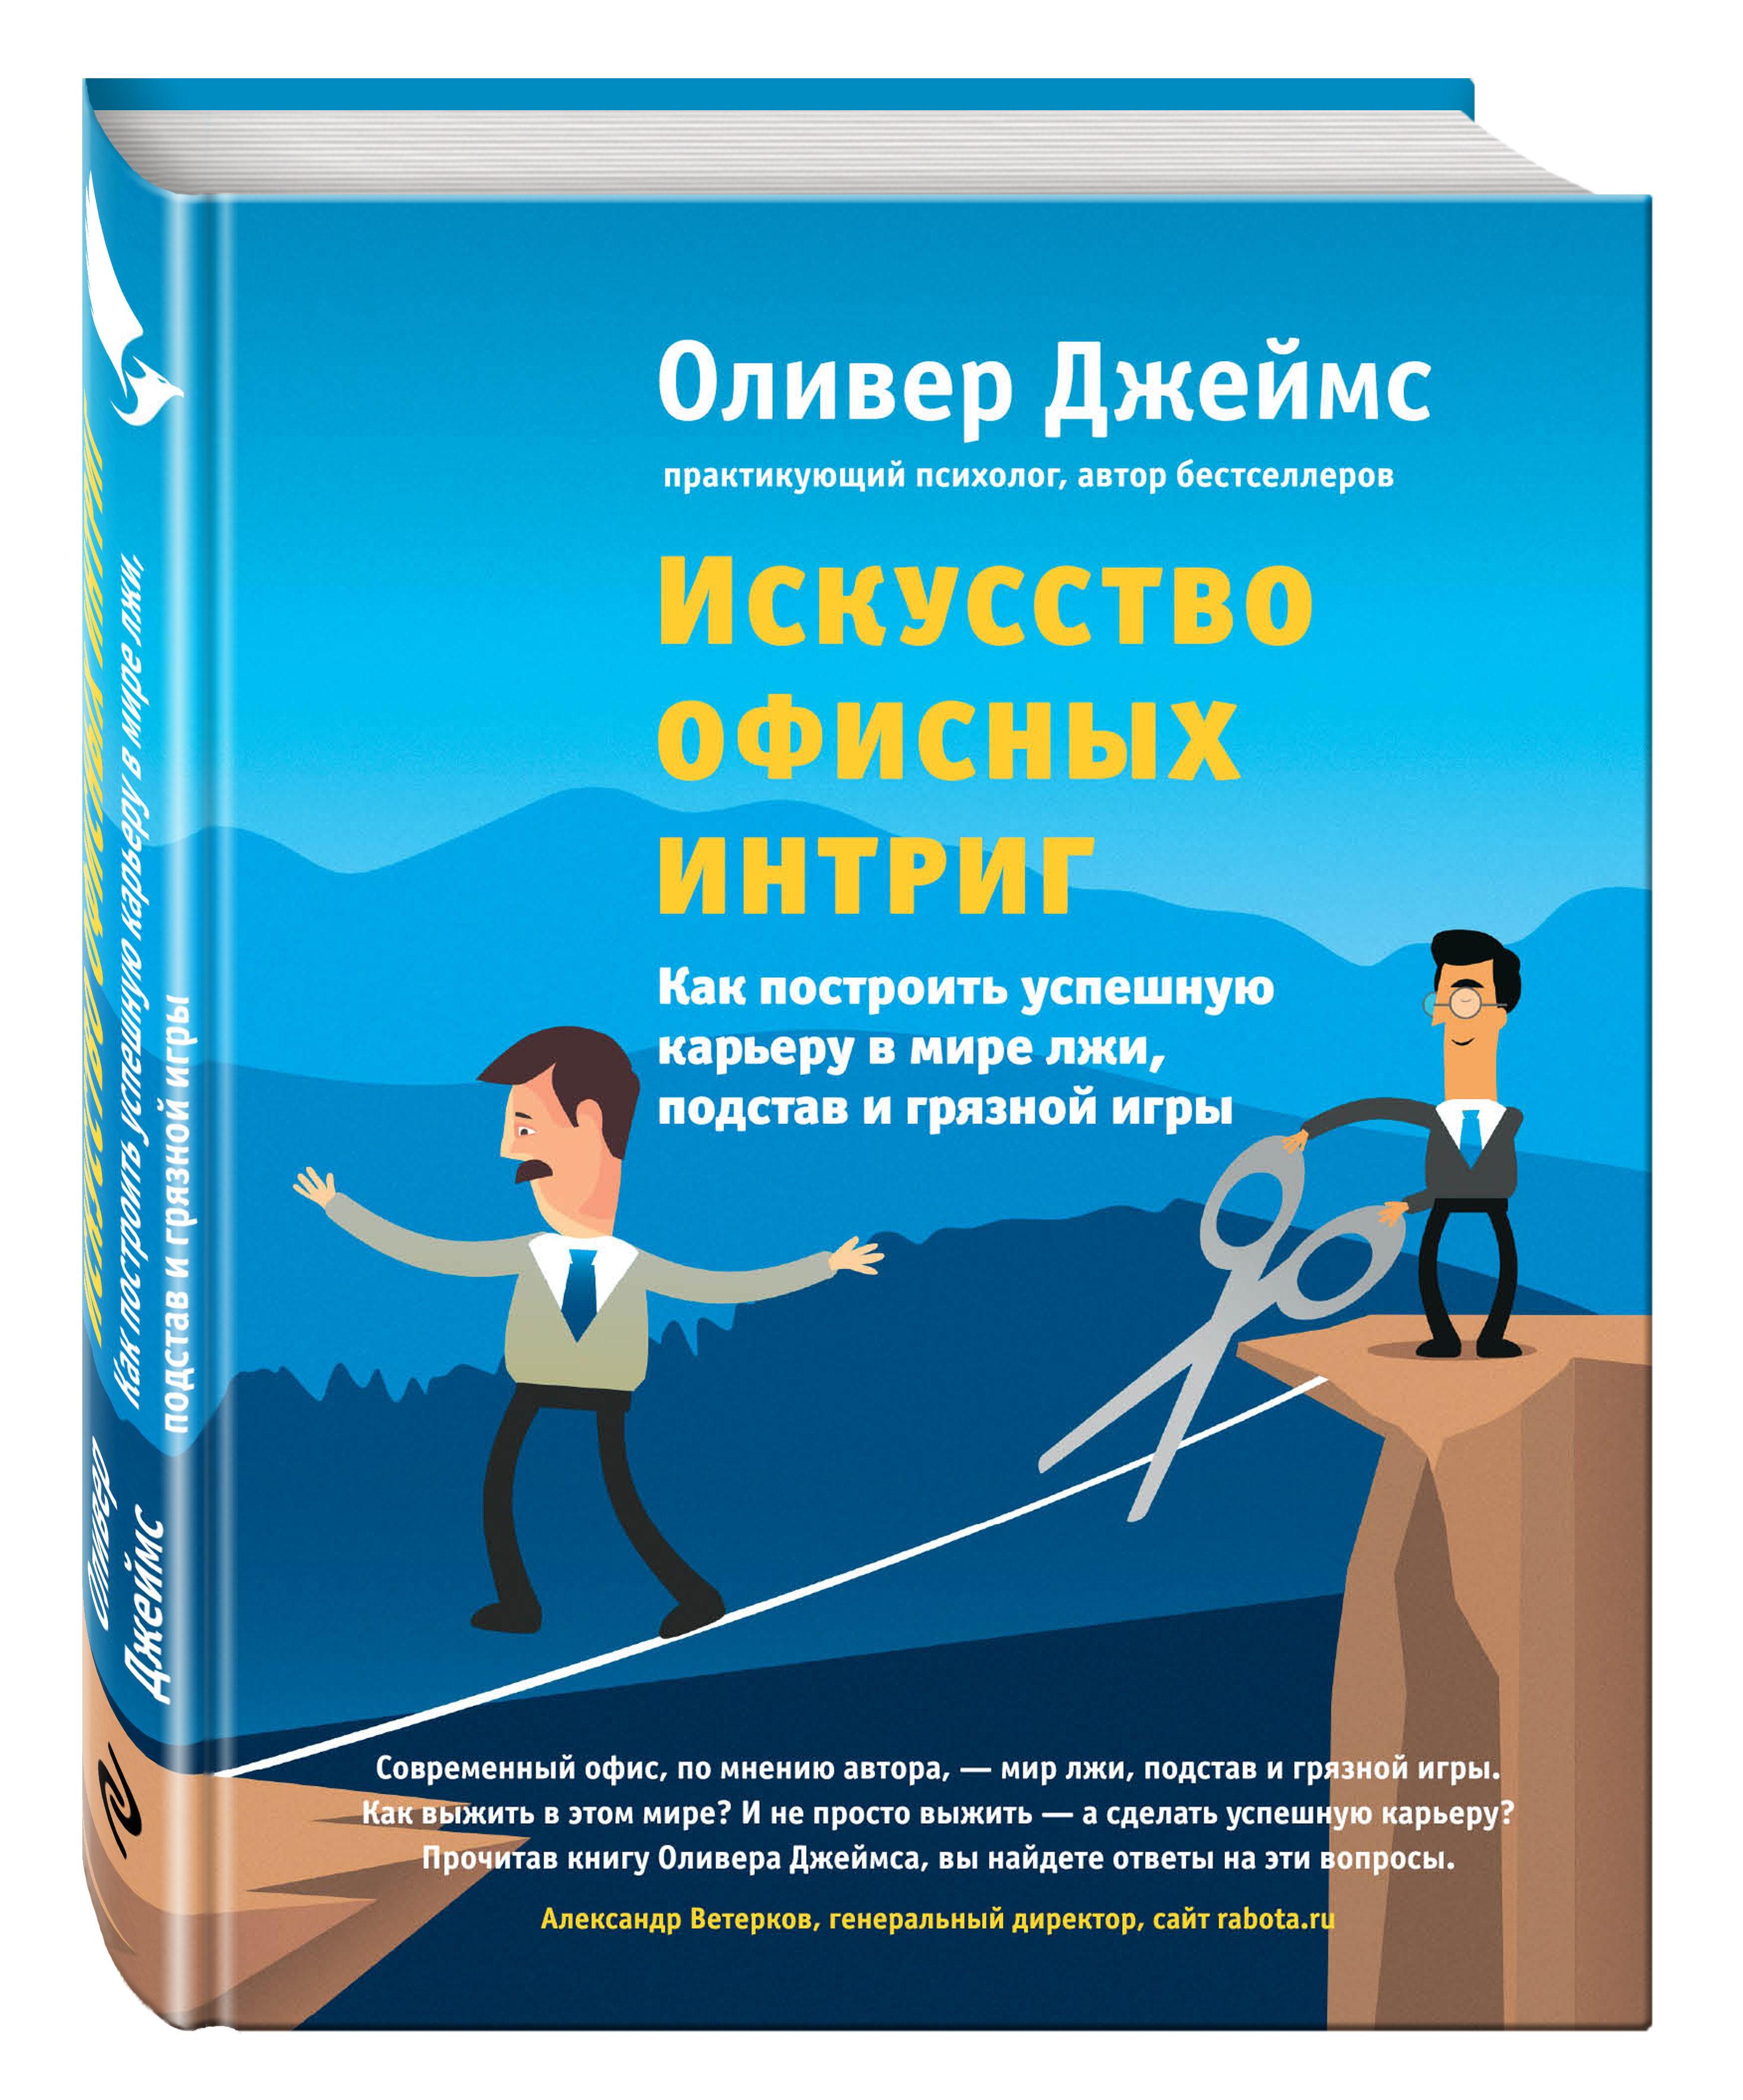 Оливер Джеймс Искусство офисных интриг. Как построить успешную карьеру в мире лжи, подстав и грязной игры